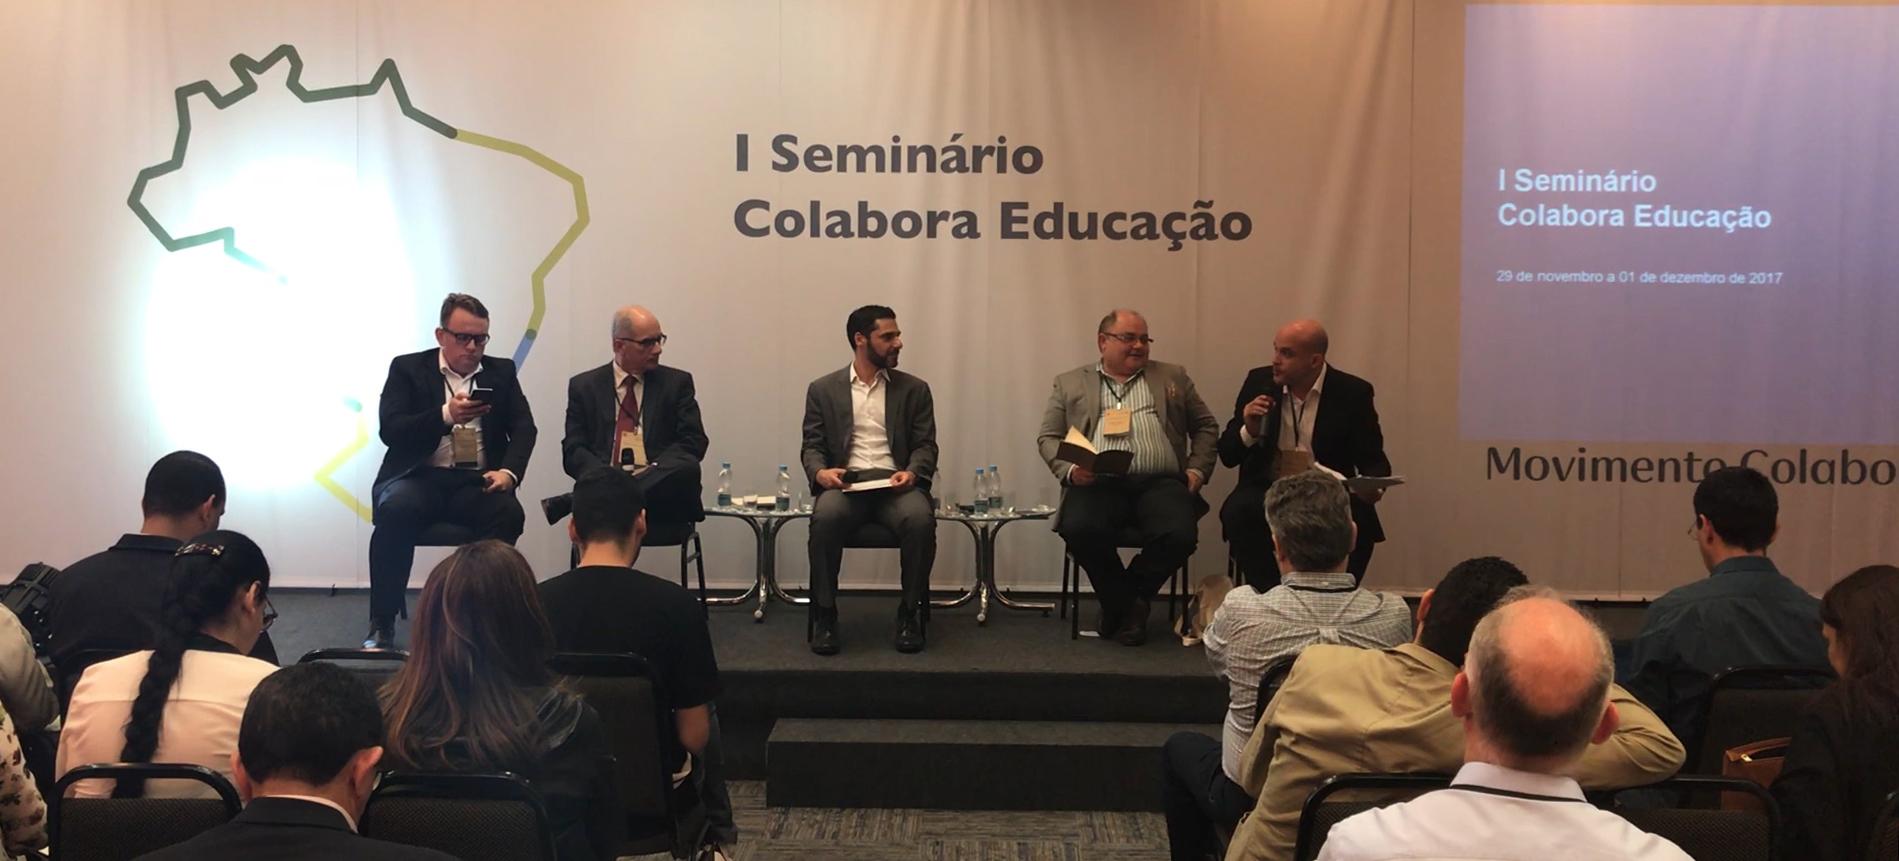 Colaboração entre estados e municípios é caminho para melhorar indicadores da educação brasileira